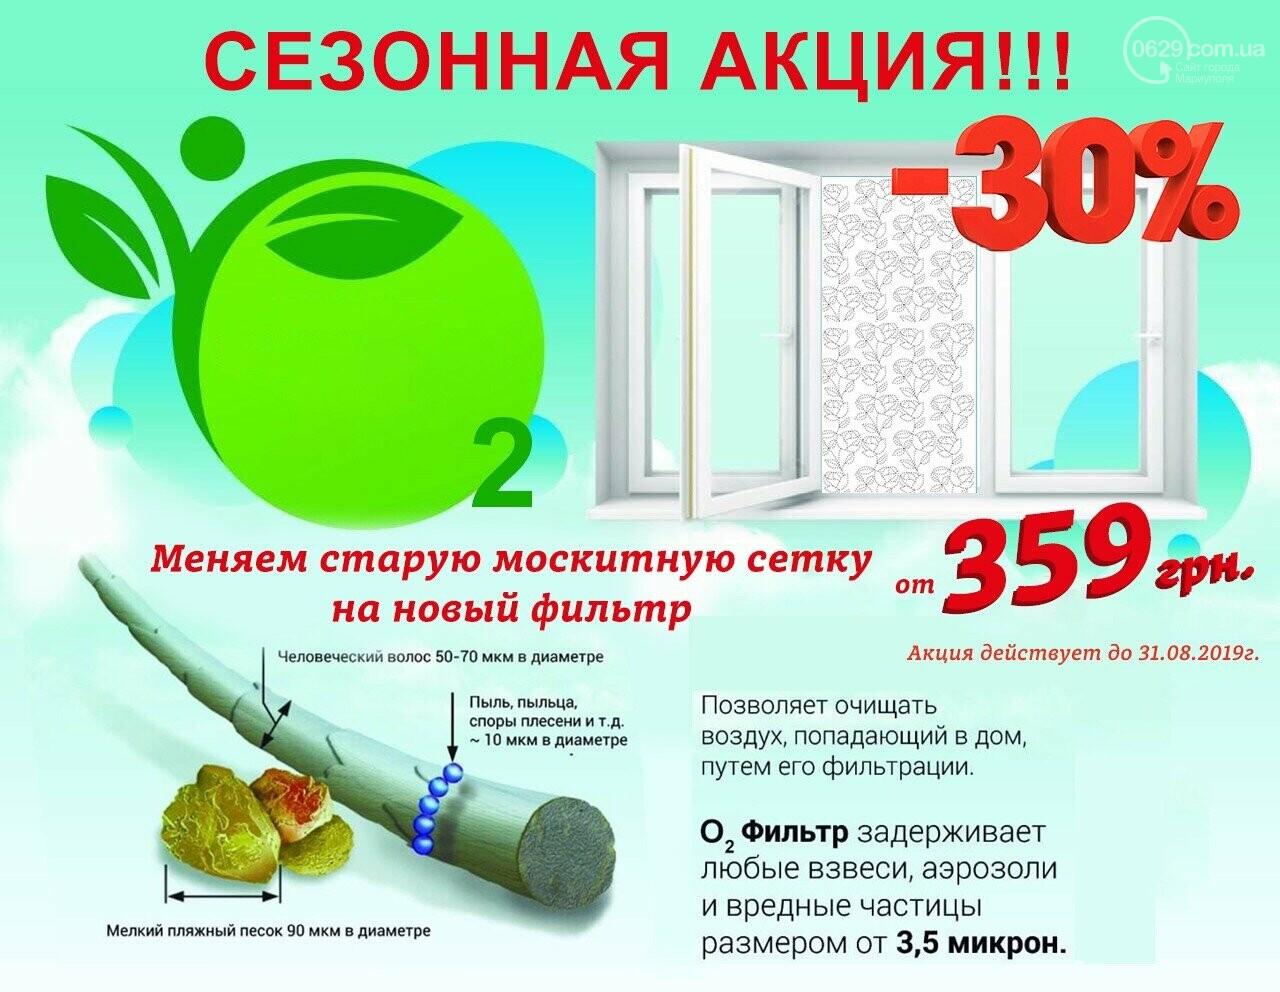 «О2 Фильтр» - Экология Дома: СТОП выхлопным газам, заводскому смогу, аллергенной пыли и черным подоконникам в Вашей квартире!, фото-2